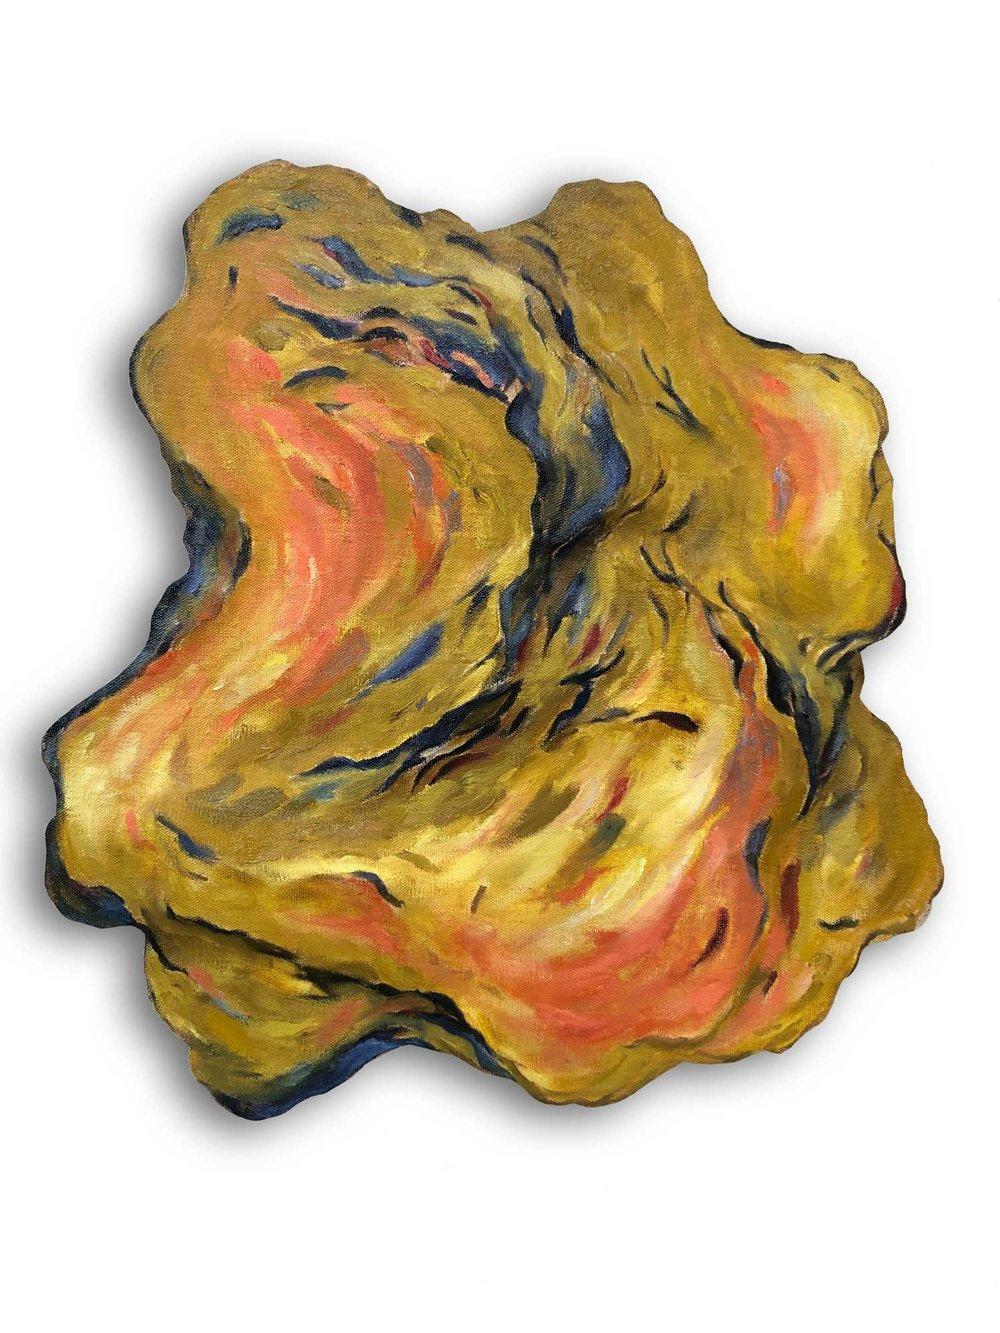 Untitled (Goldfish June)